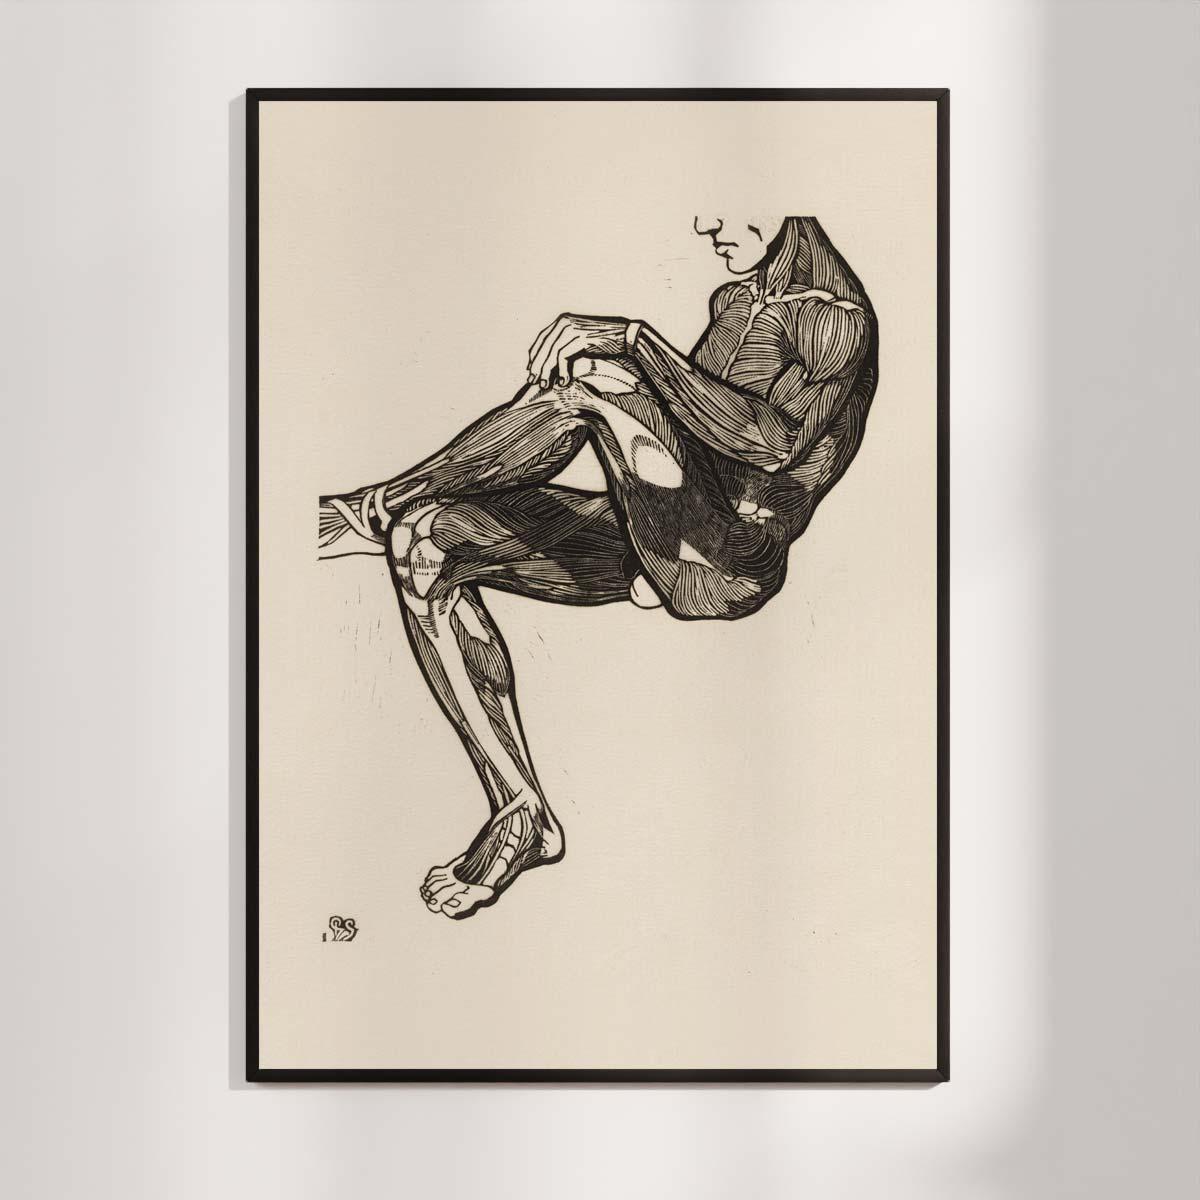 Plakat - Anatomisk træsnit - Studie af en mands ben- og armmuskler